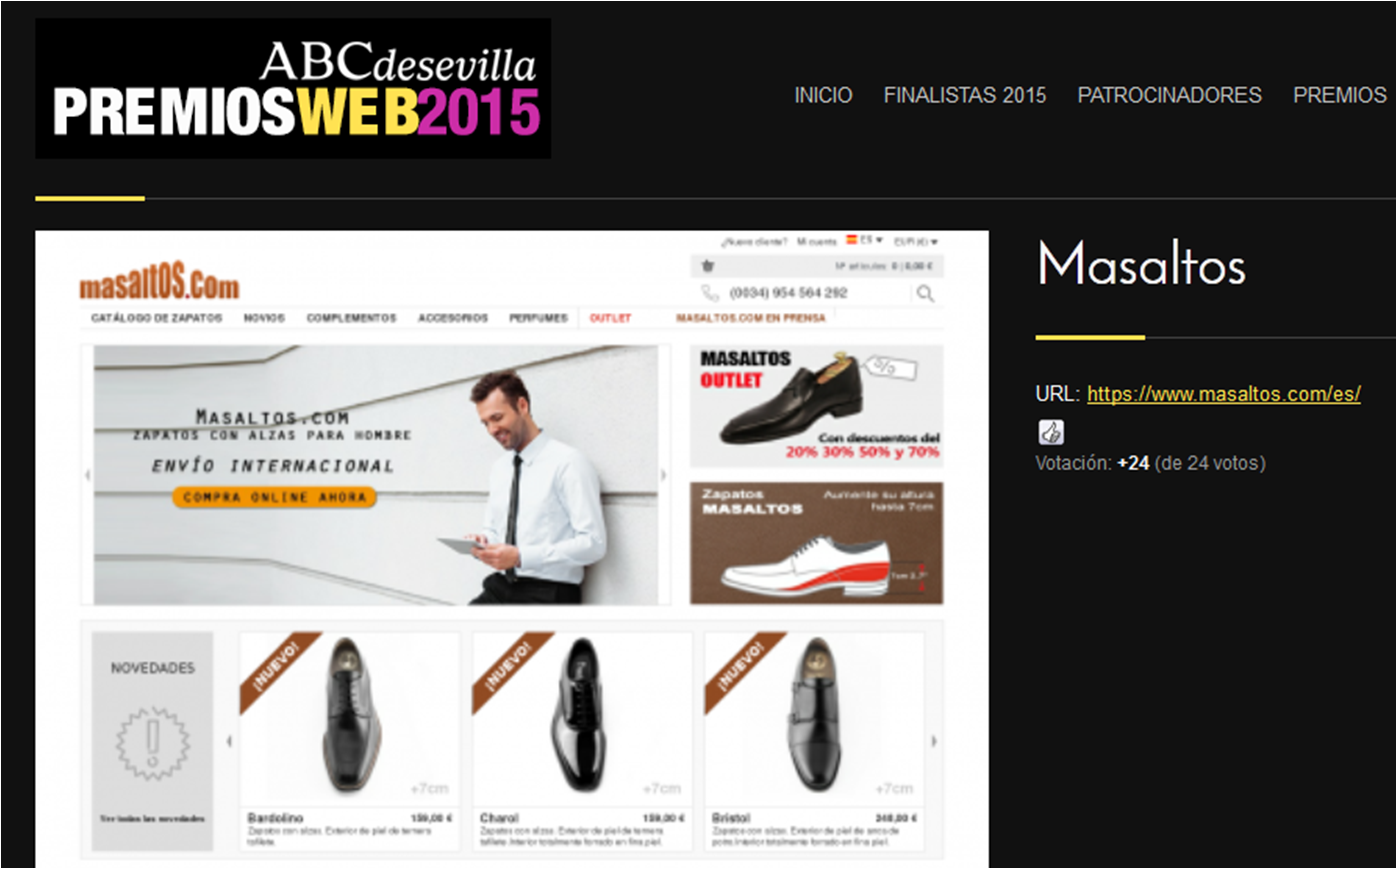 Masaltos.com ha sido elegida finalista para los premios web ABC de Sevilla 2015